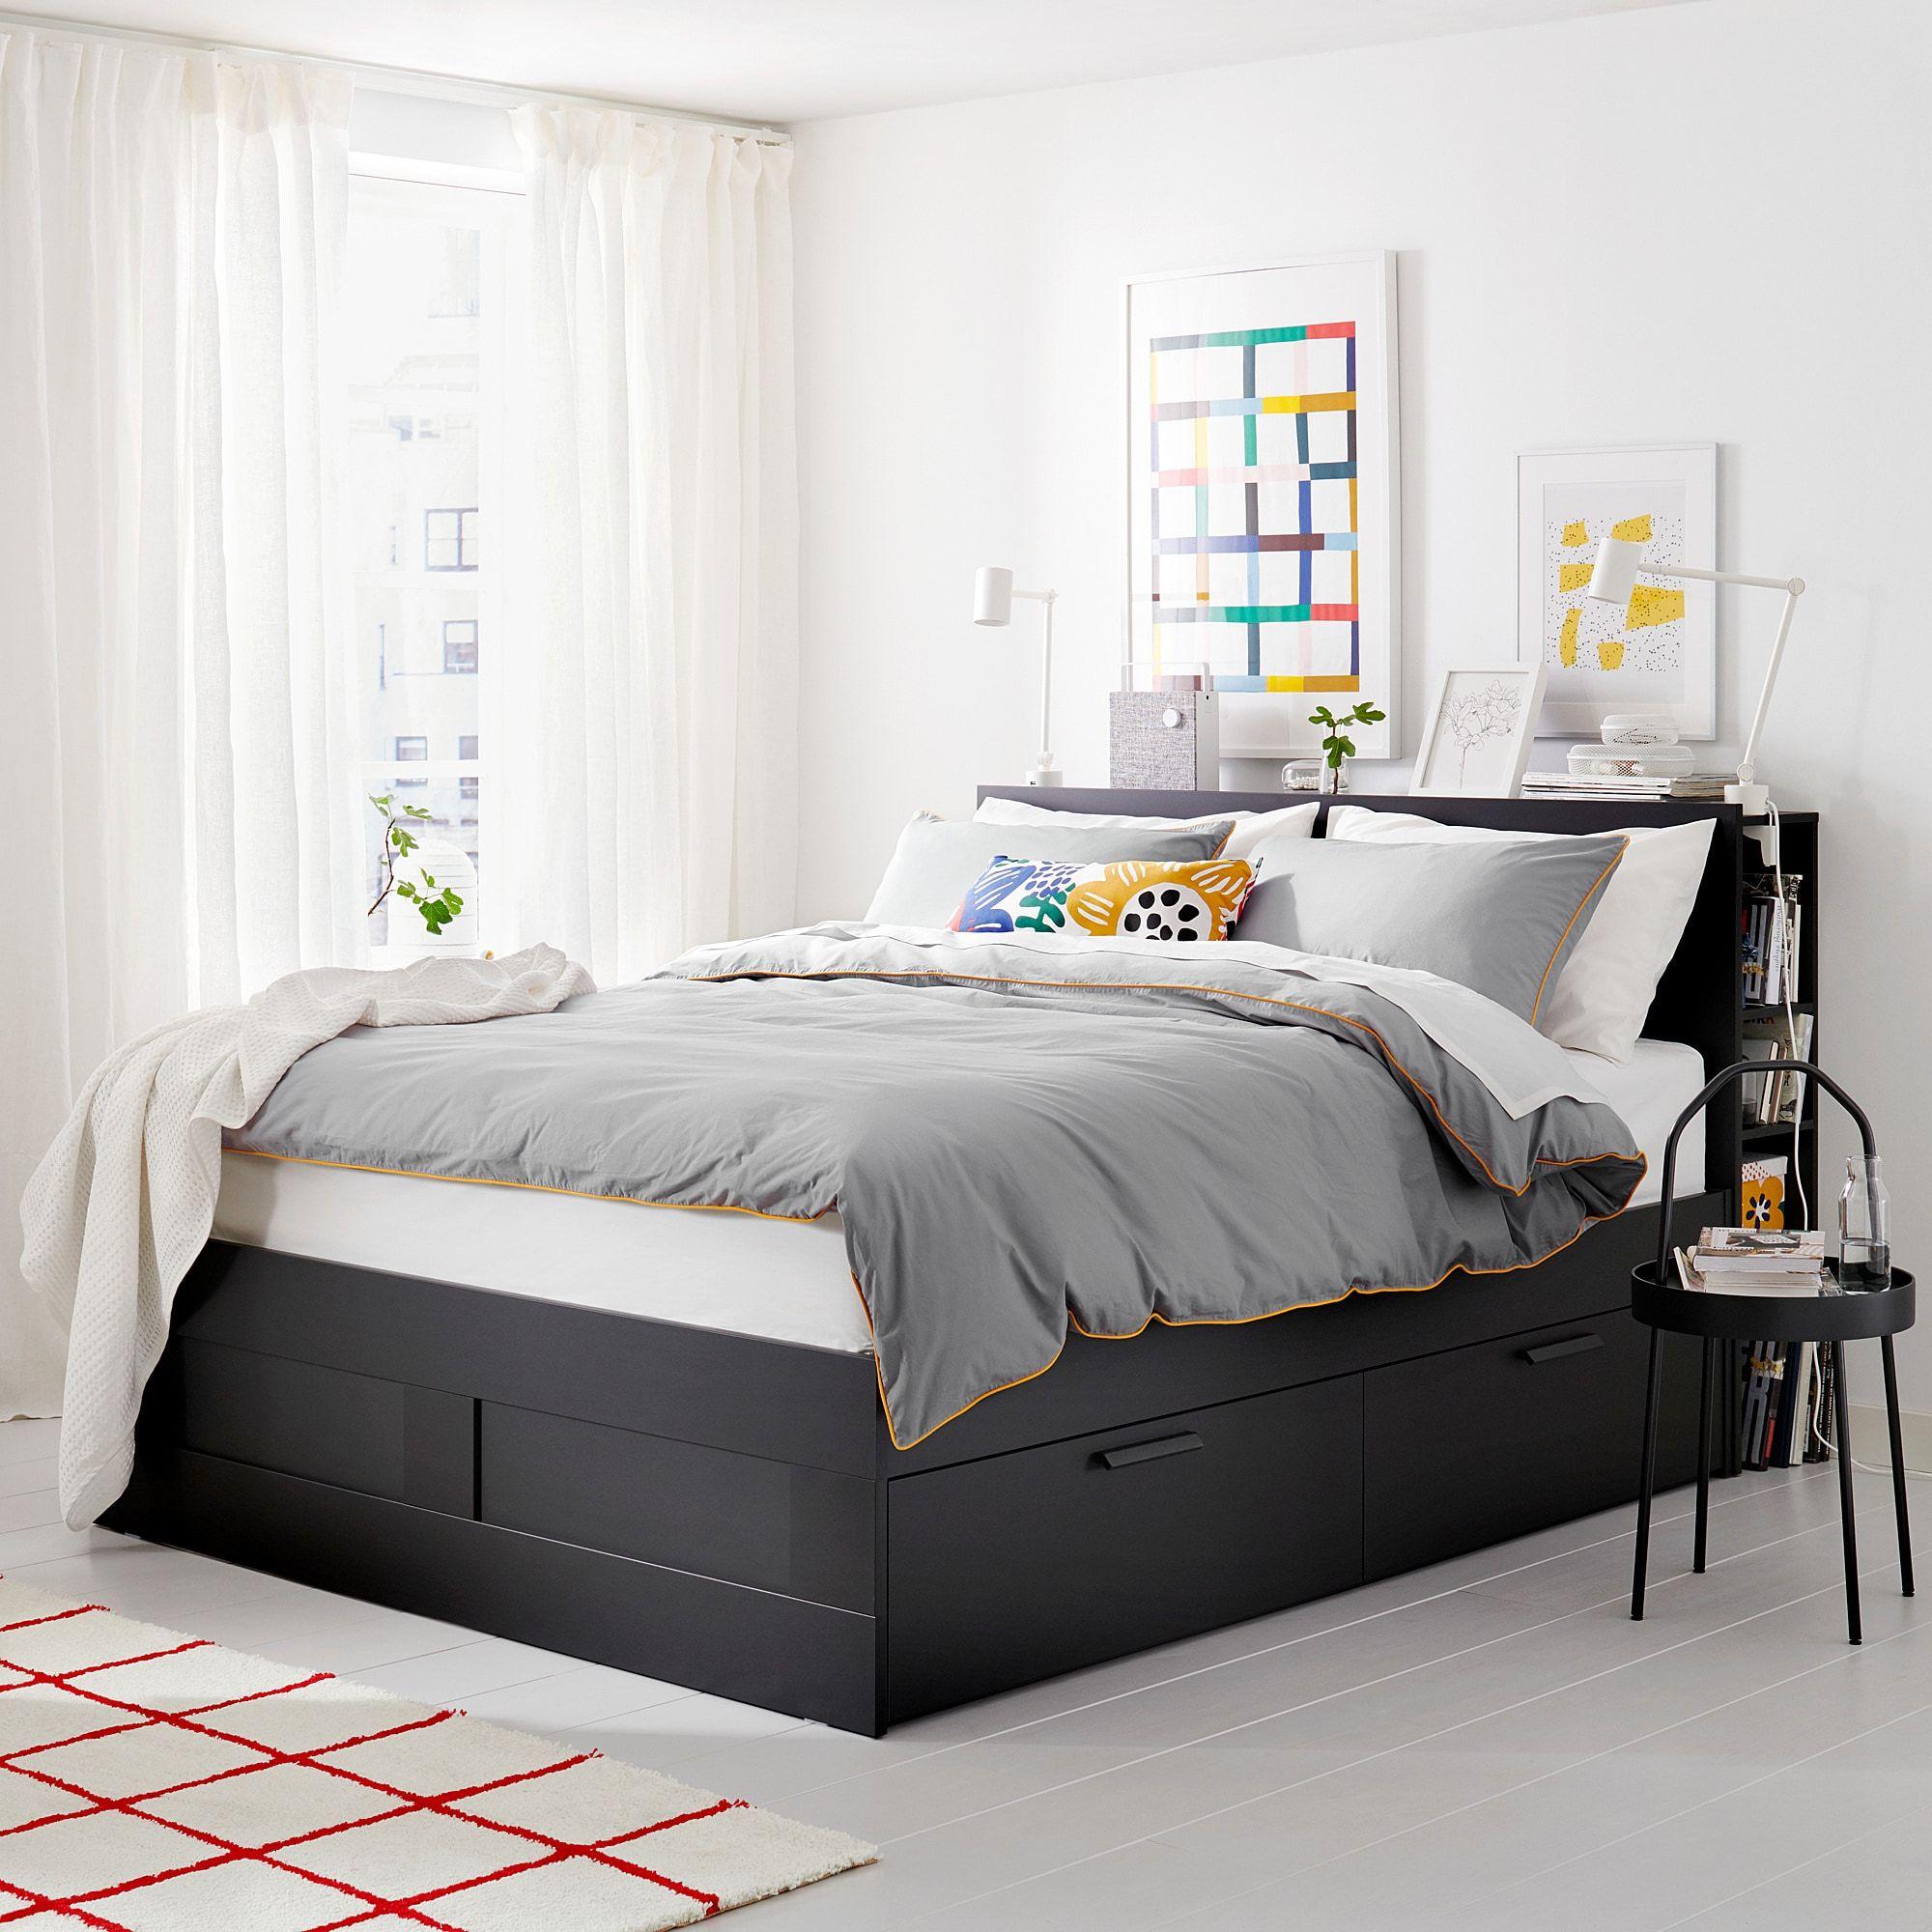 Brimnes Bed Frame With Storage Headboard Black Leirsund